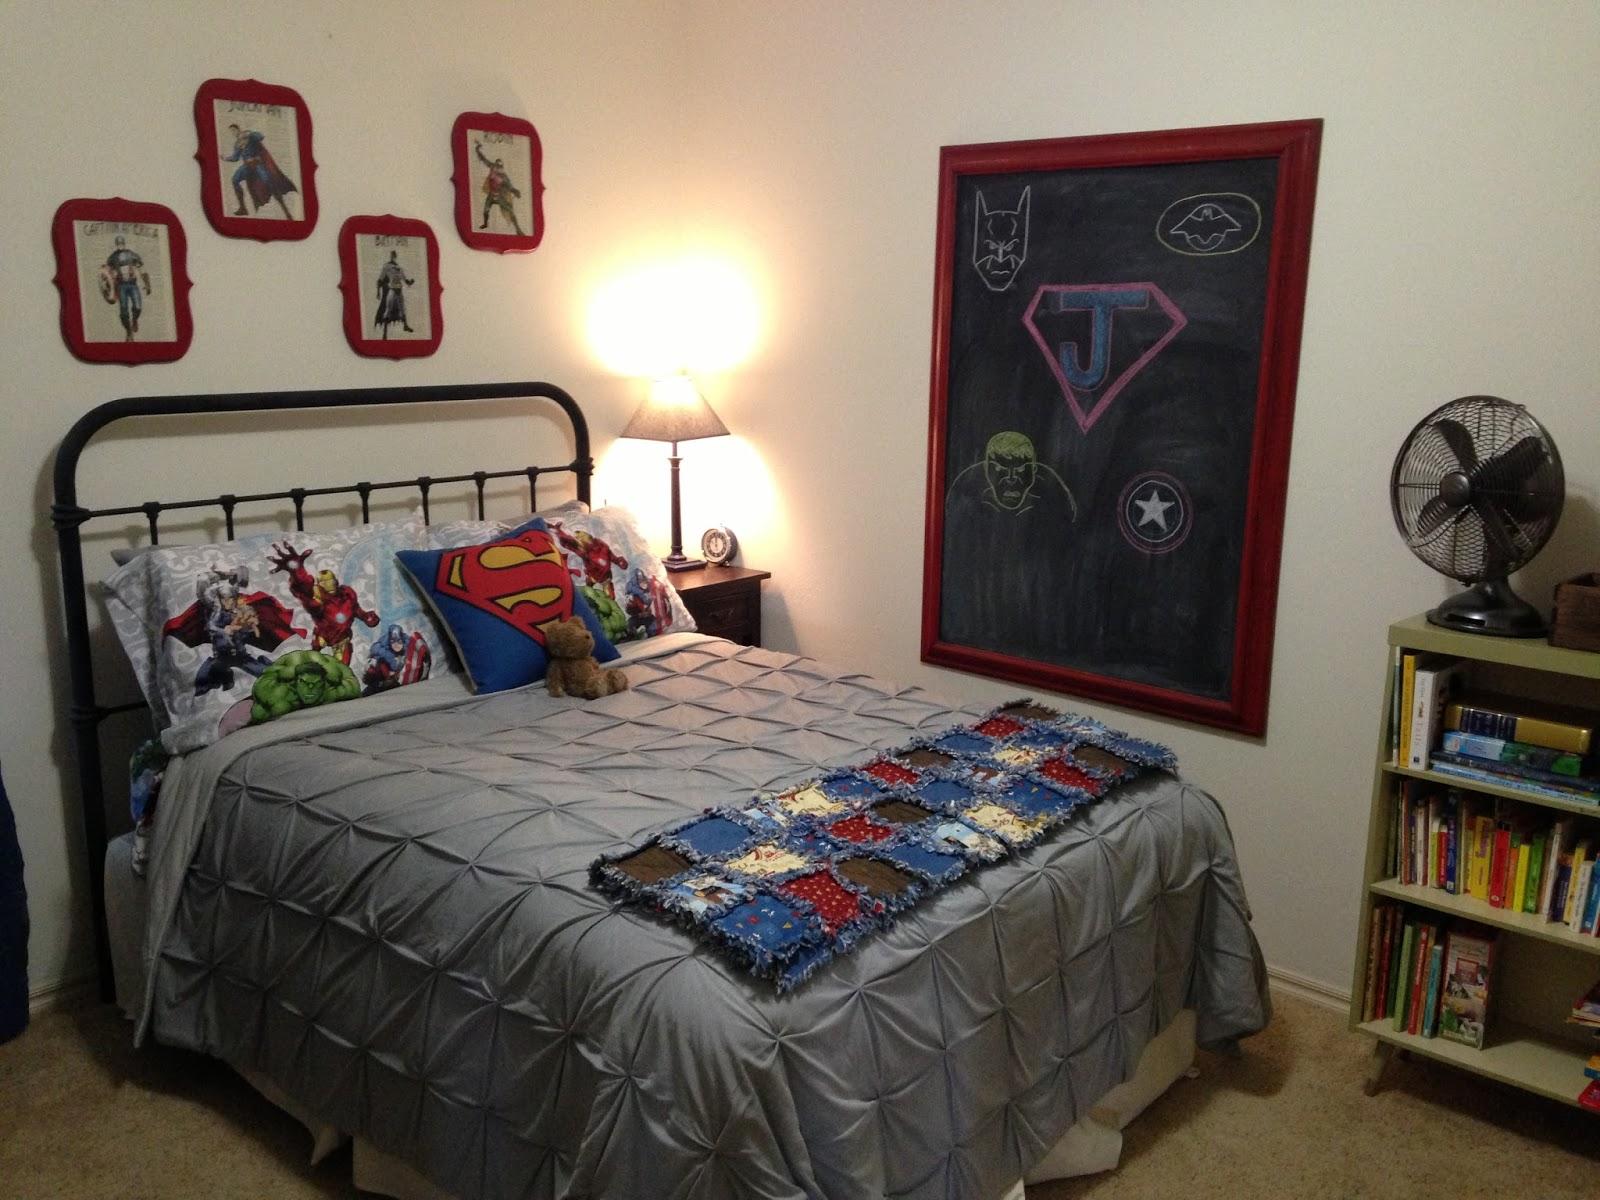 New For The Bedroom For Him Julie Jarnagin A Bedroom Fit For A Super Hero